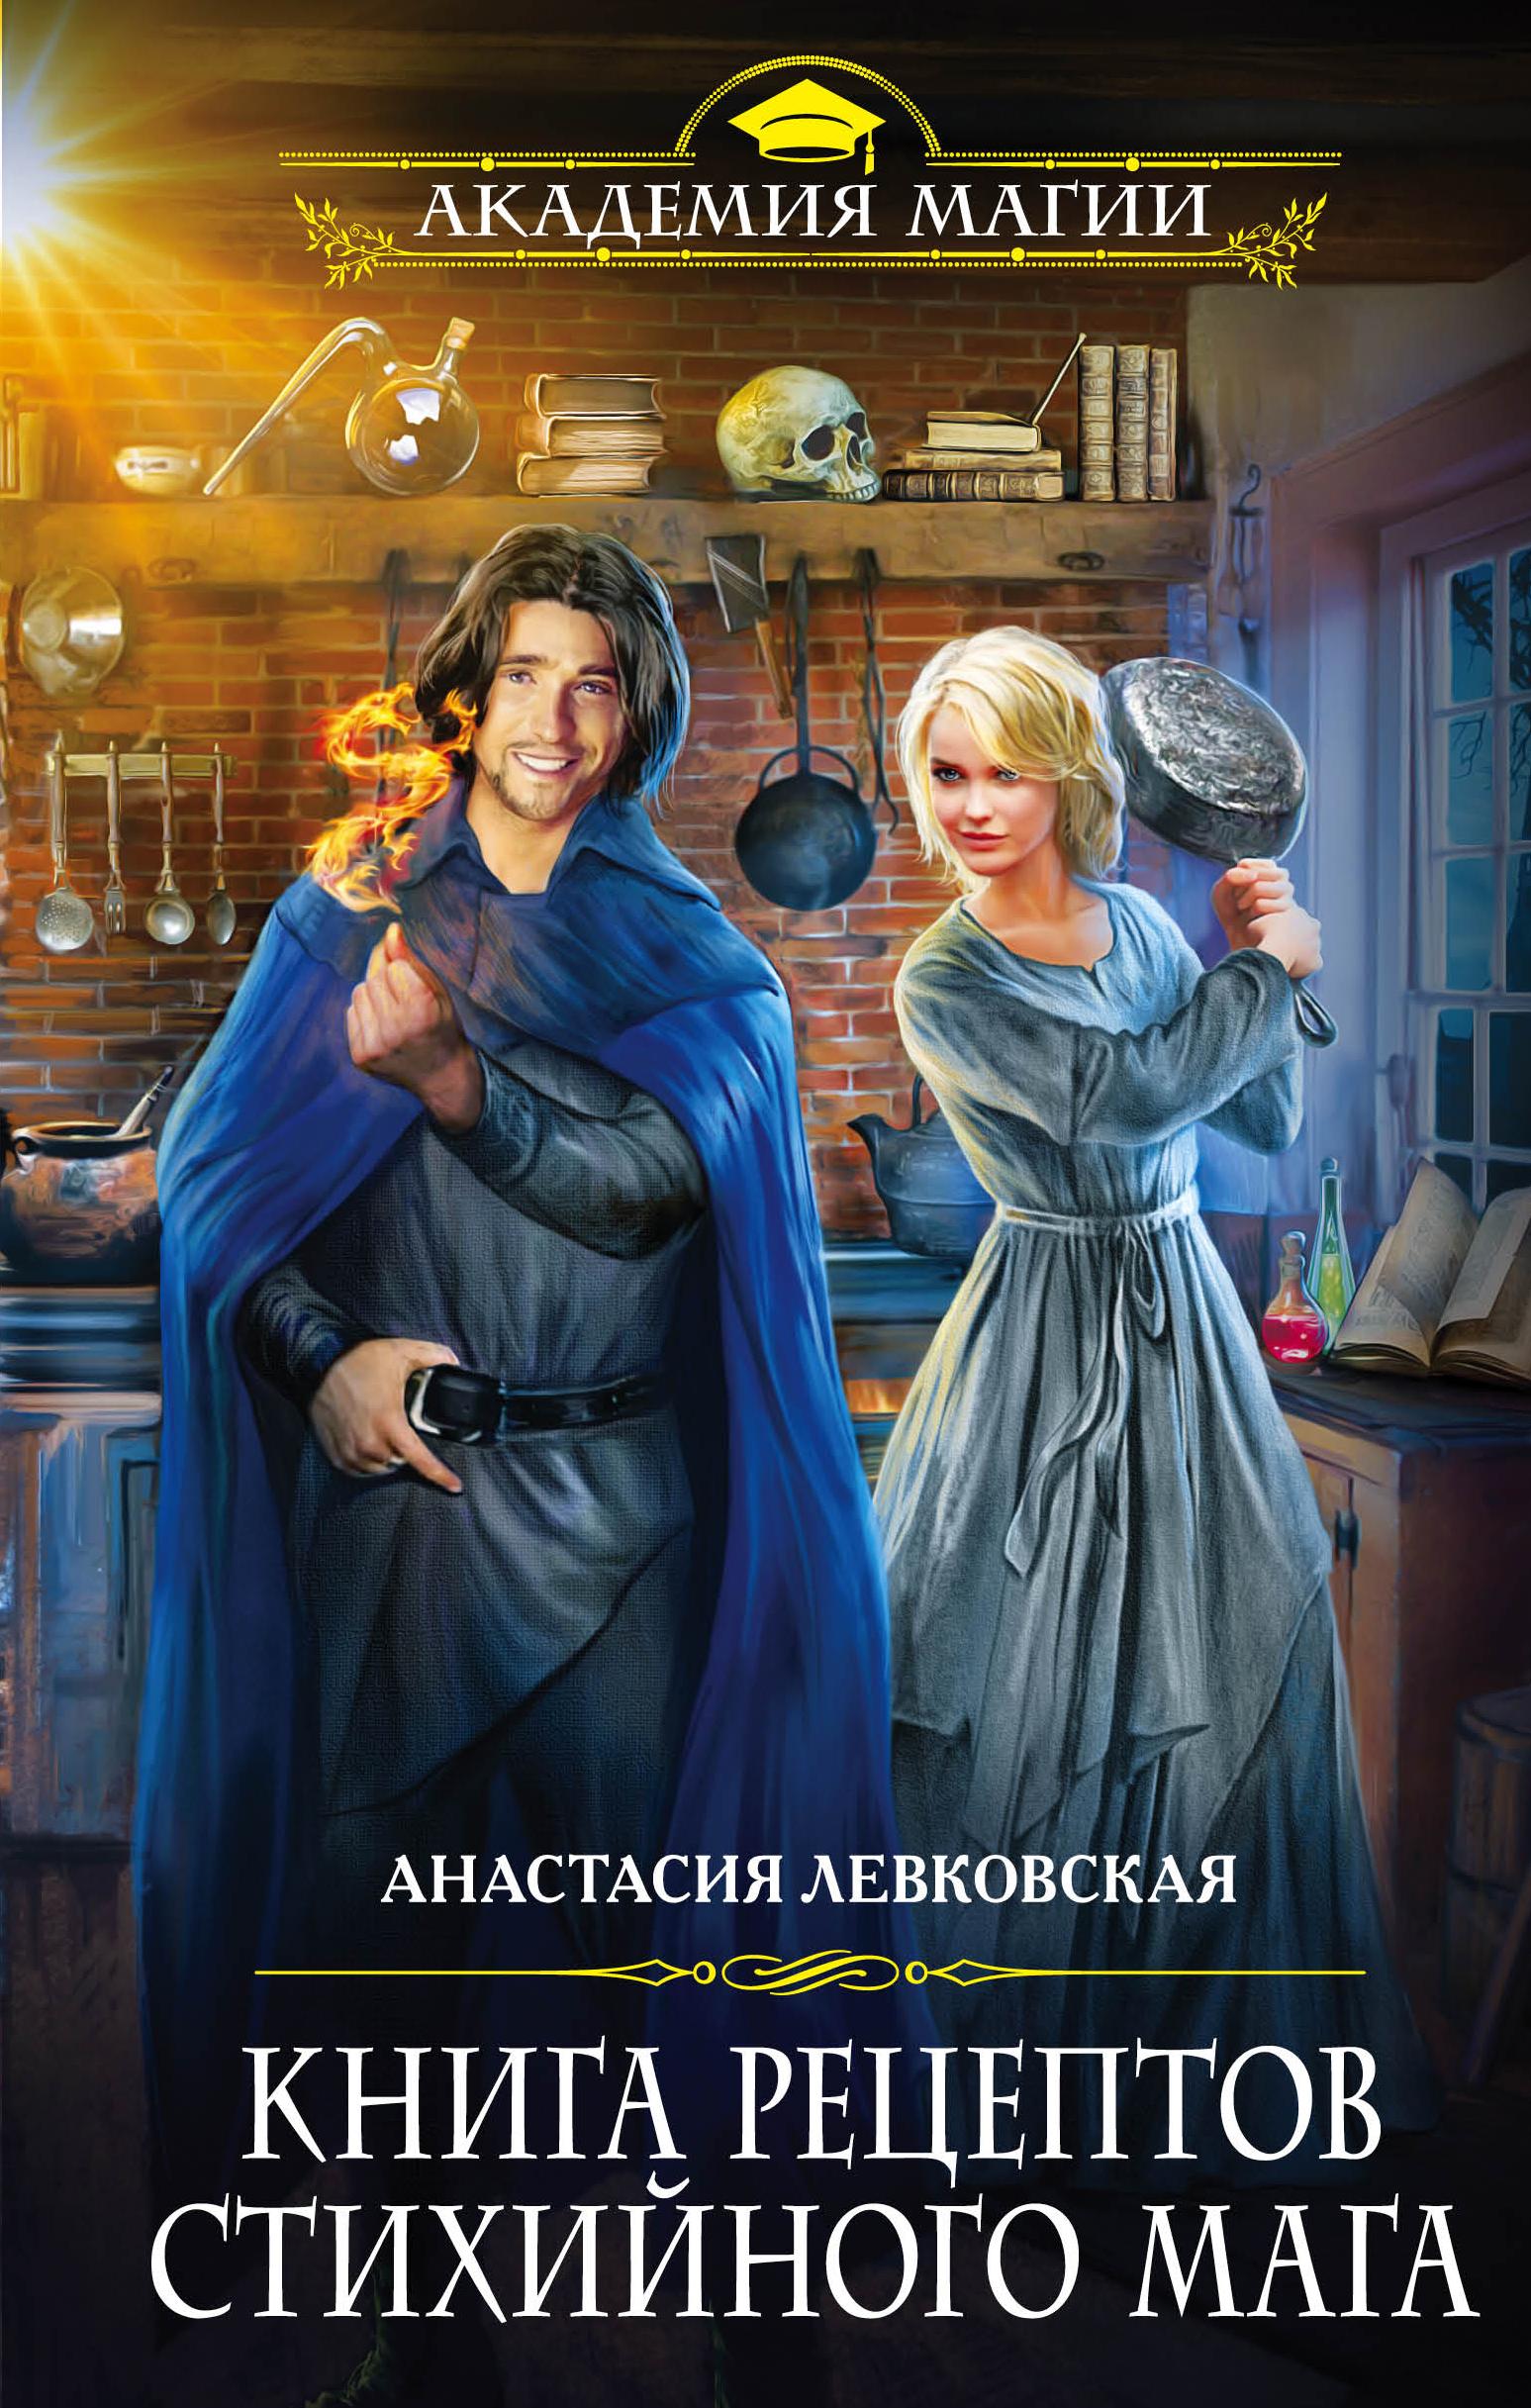 Анастасия Левковская Книга рецептов стихийного мага олдос хаксли о дивный новый мир